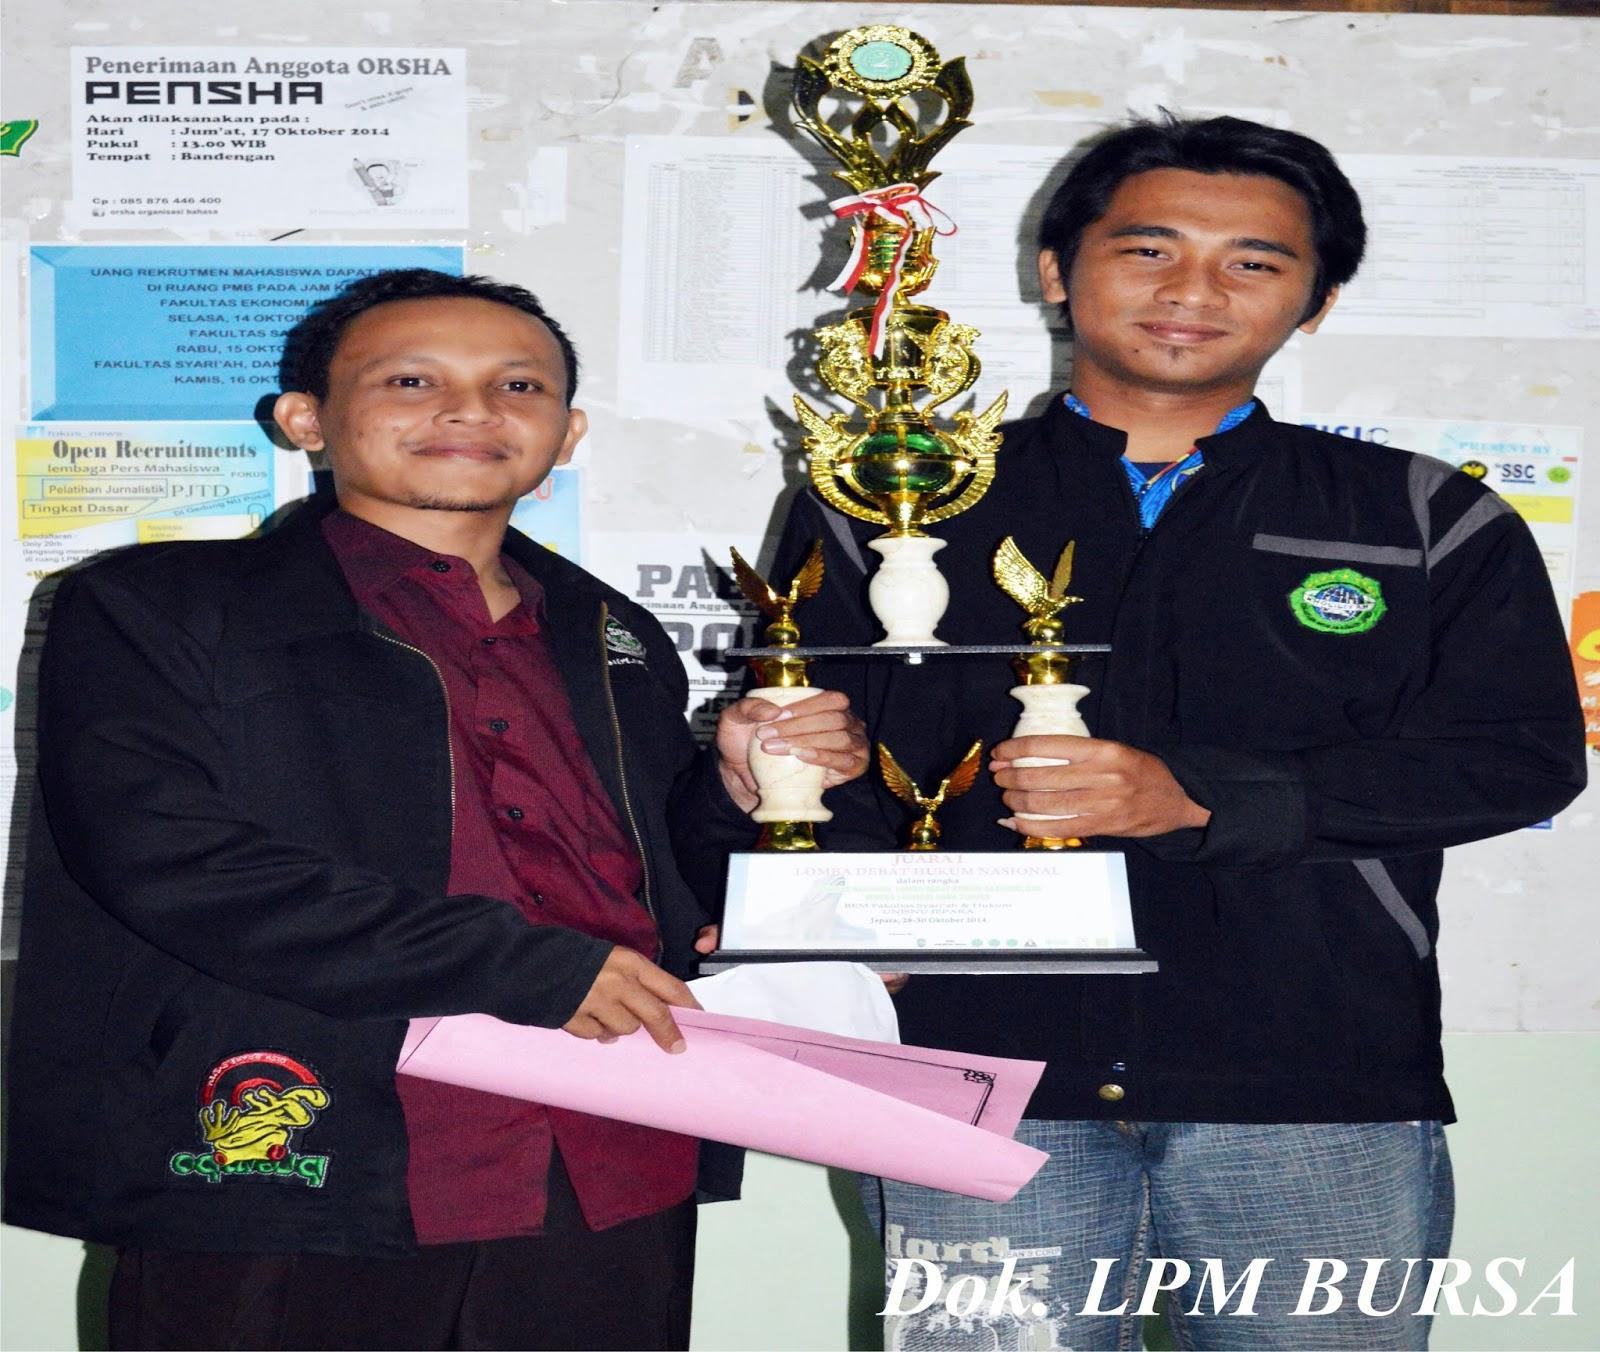 Lagi, Mahasiswa FSH membanggakan UNISNU Jepara, juara debat nasional, debat naisonal, unisnu